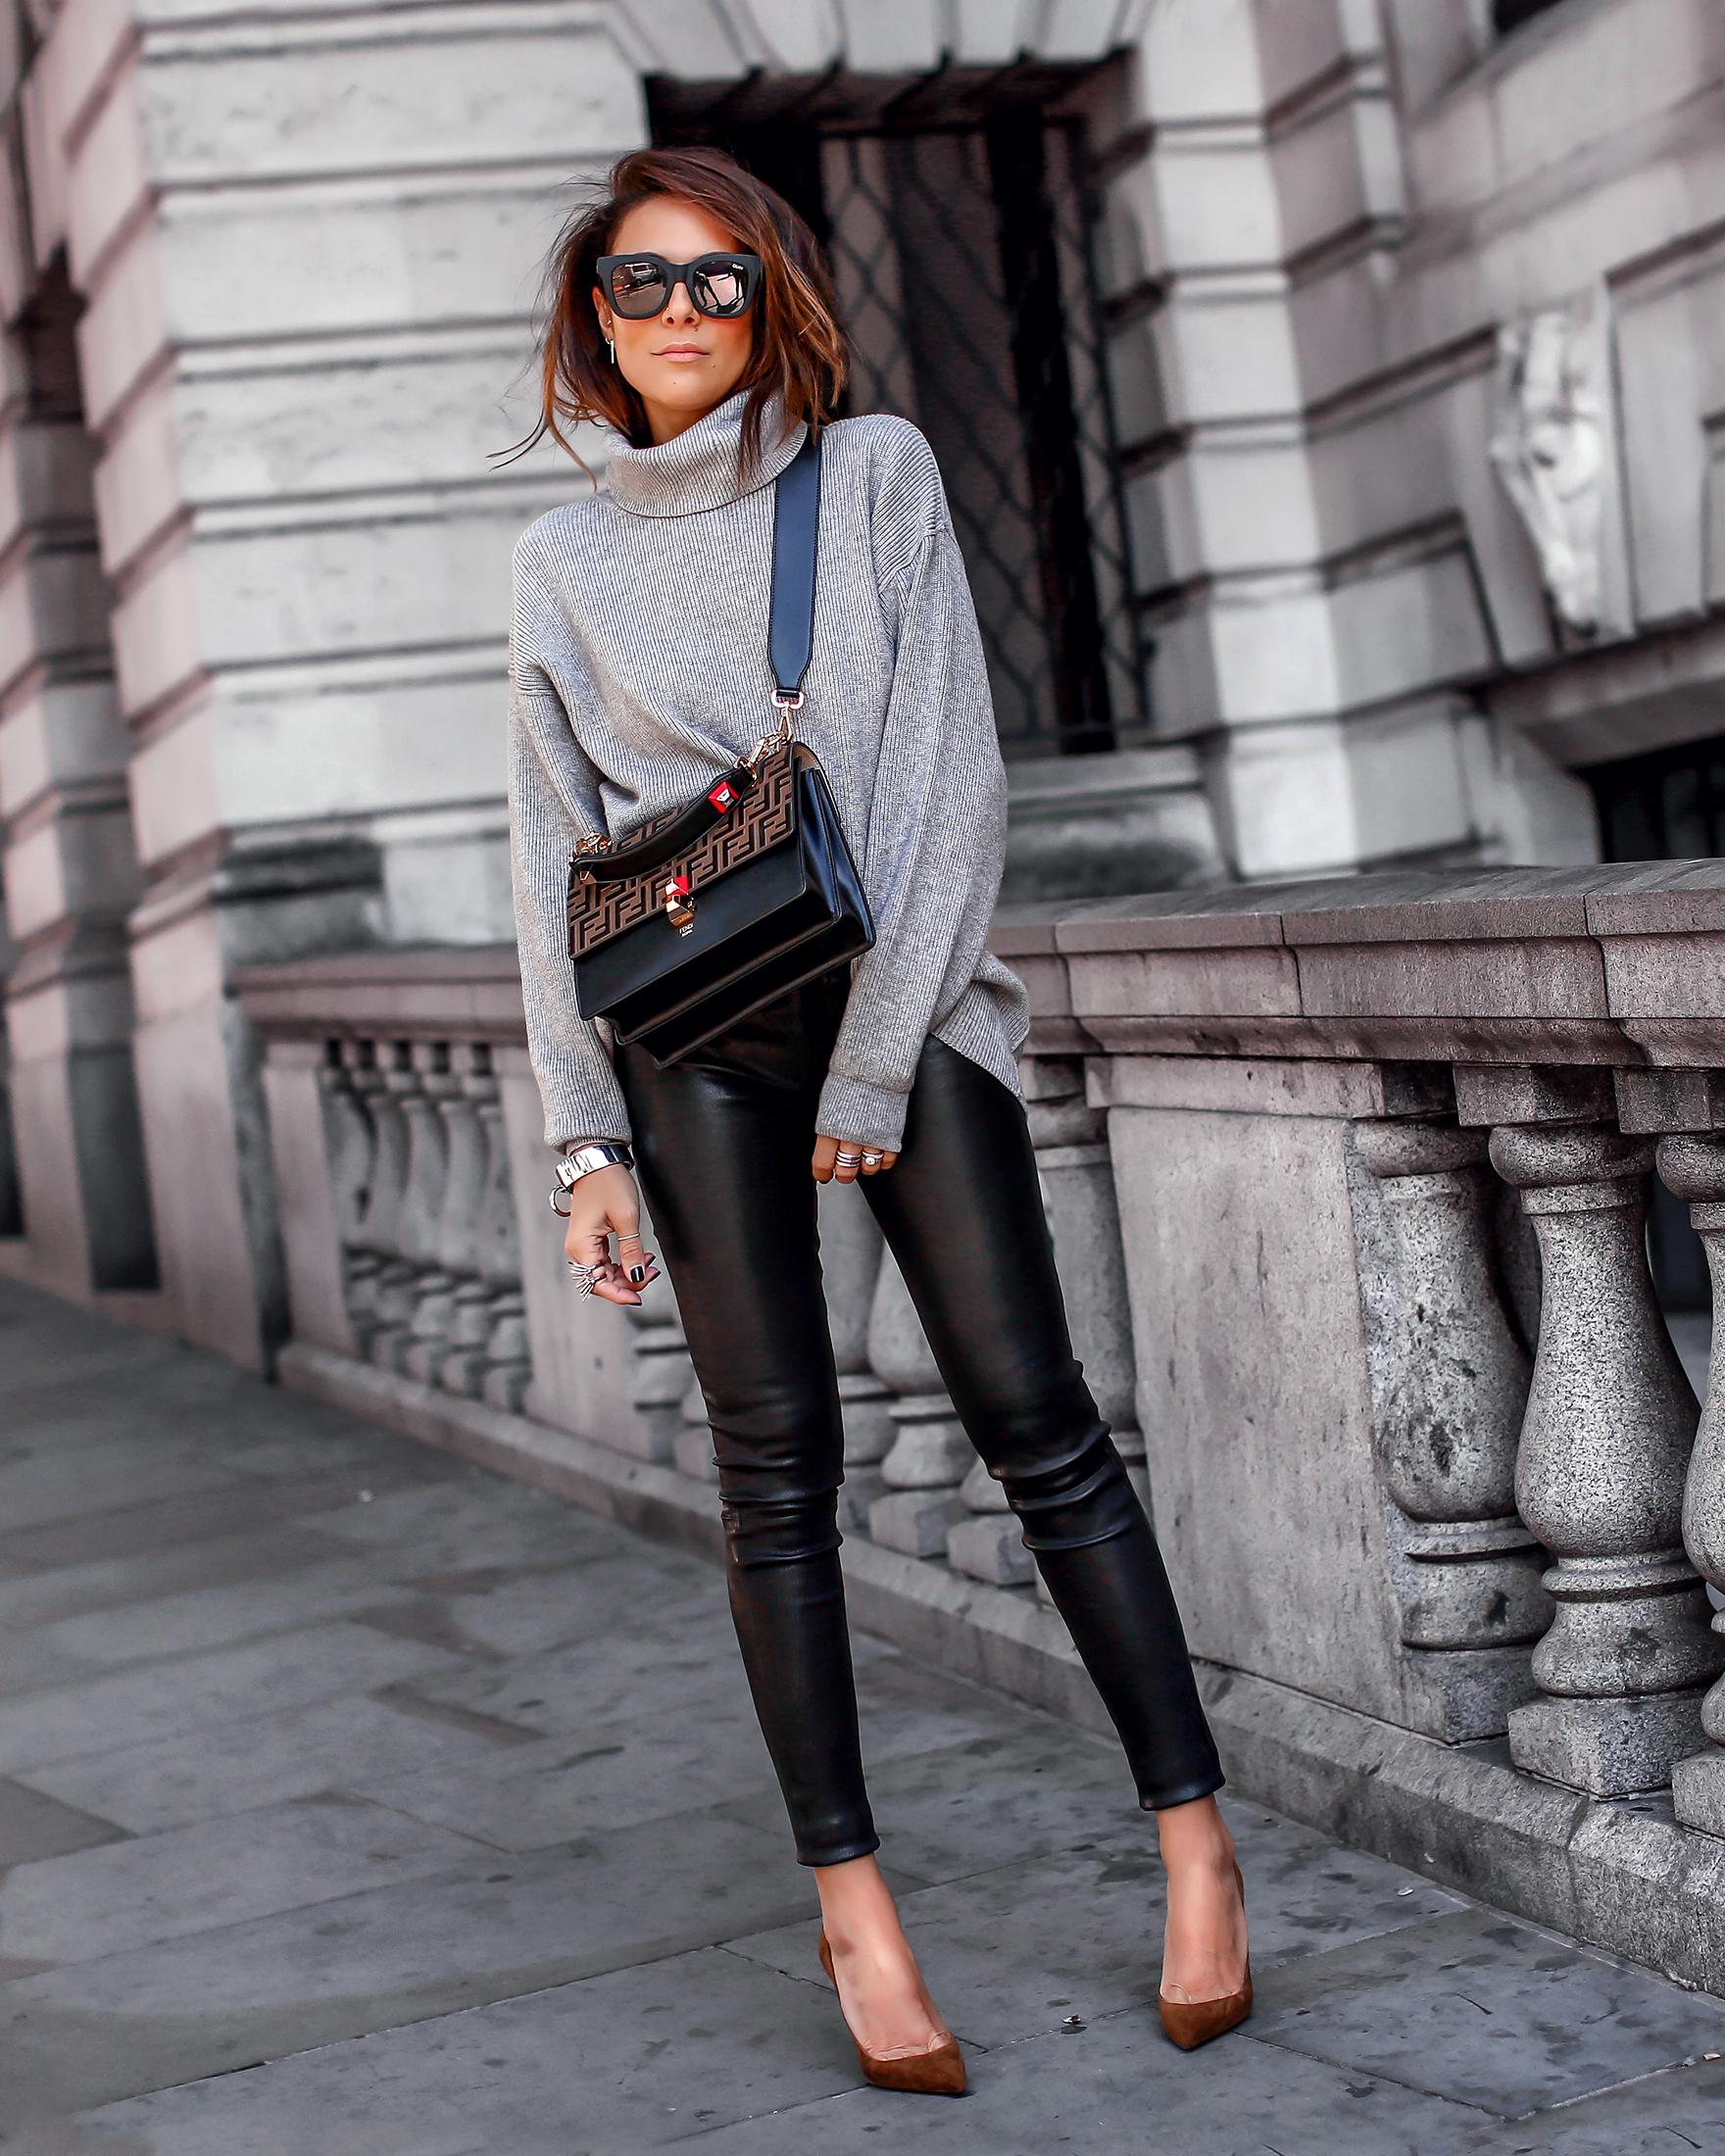 Brunette Woman Standing in London